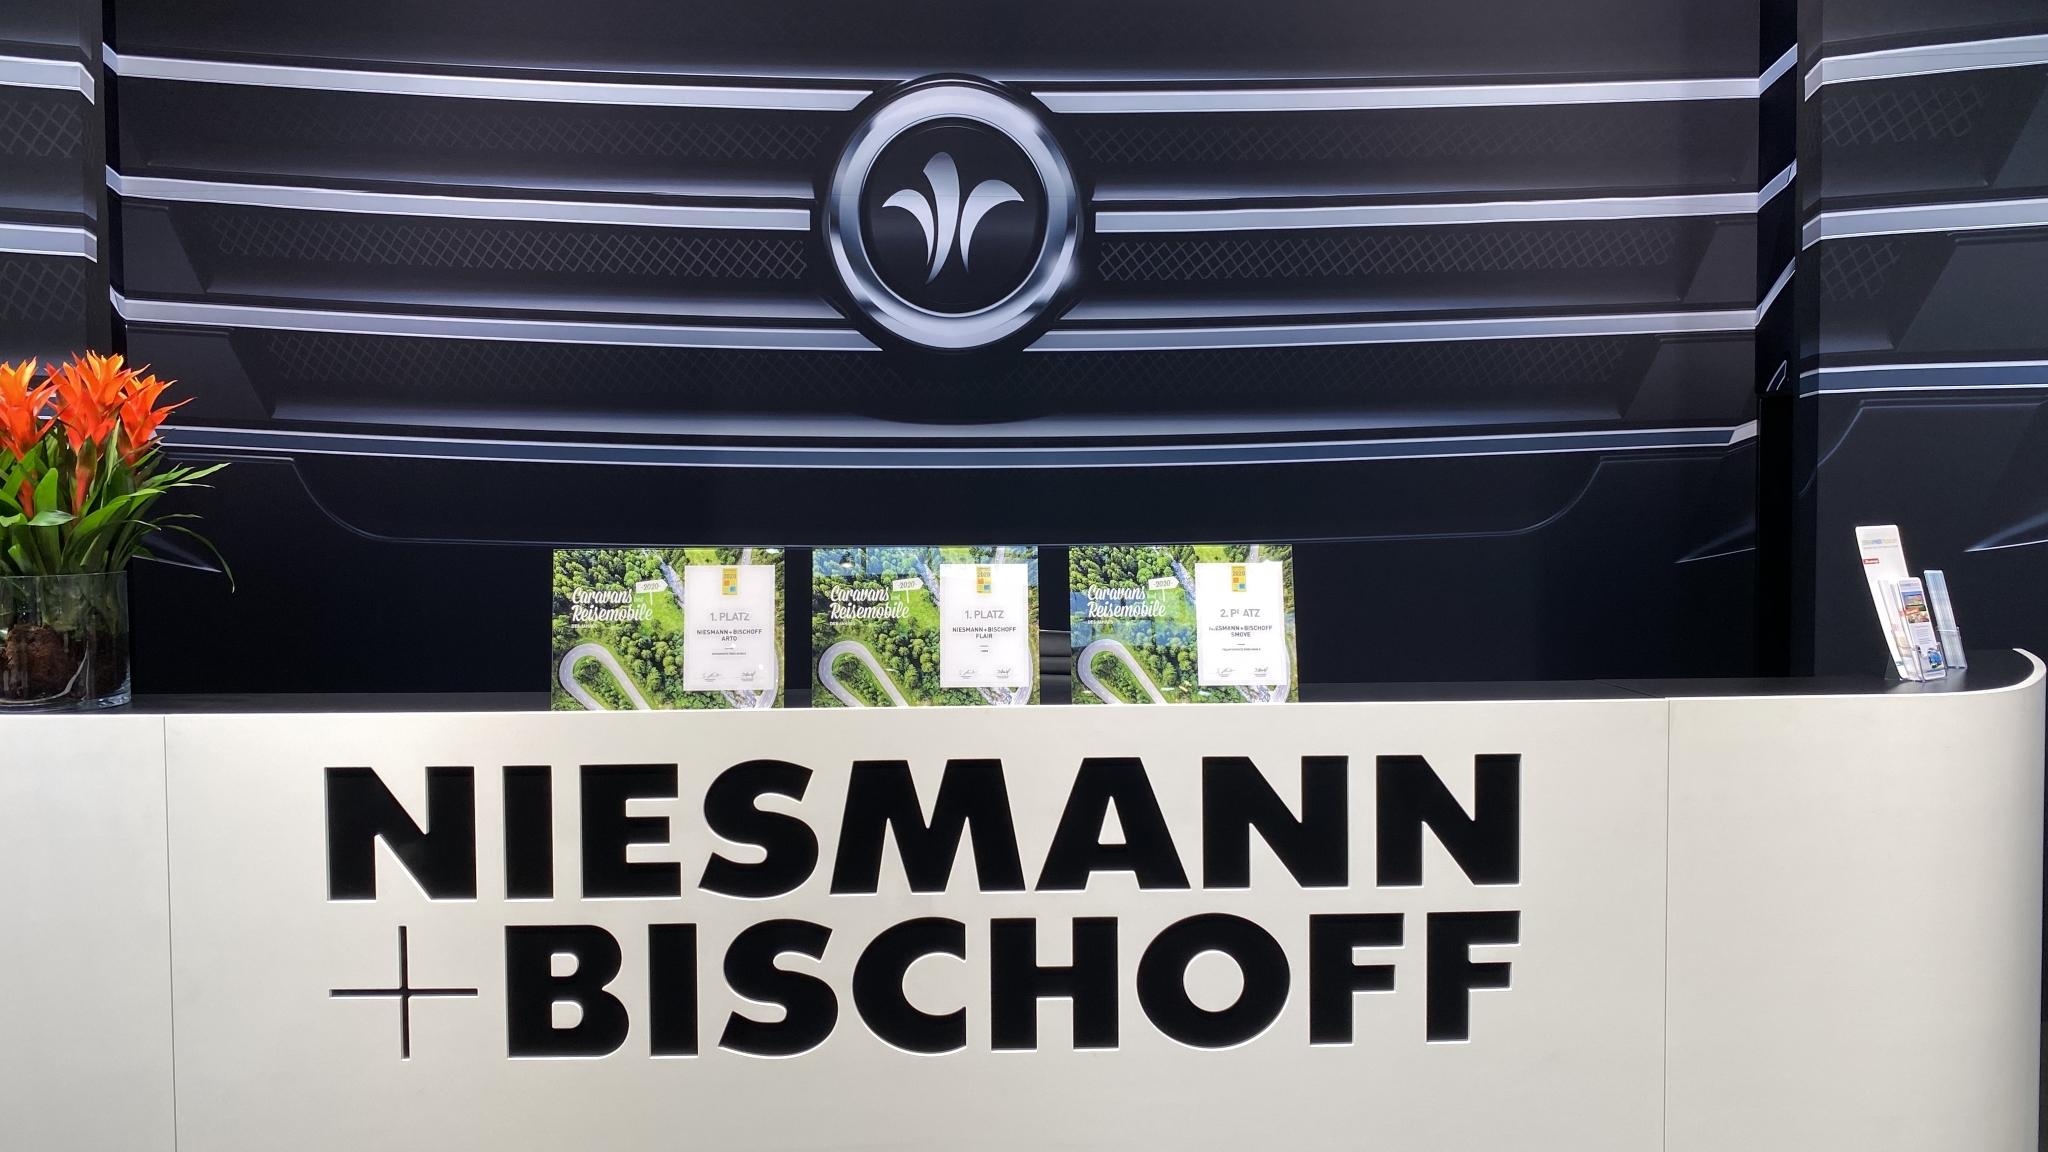 NIESMANN+BISCHOFF - Auszeichnung  - Reisemobil des Jahres 2020 auf dem Messestand auf der CMT in Stuttgart